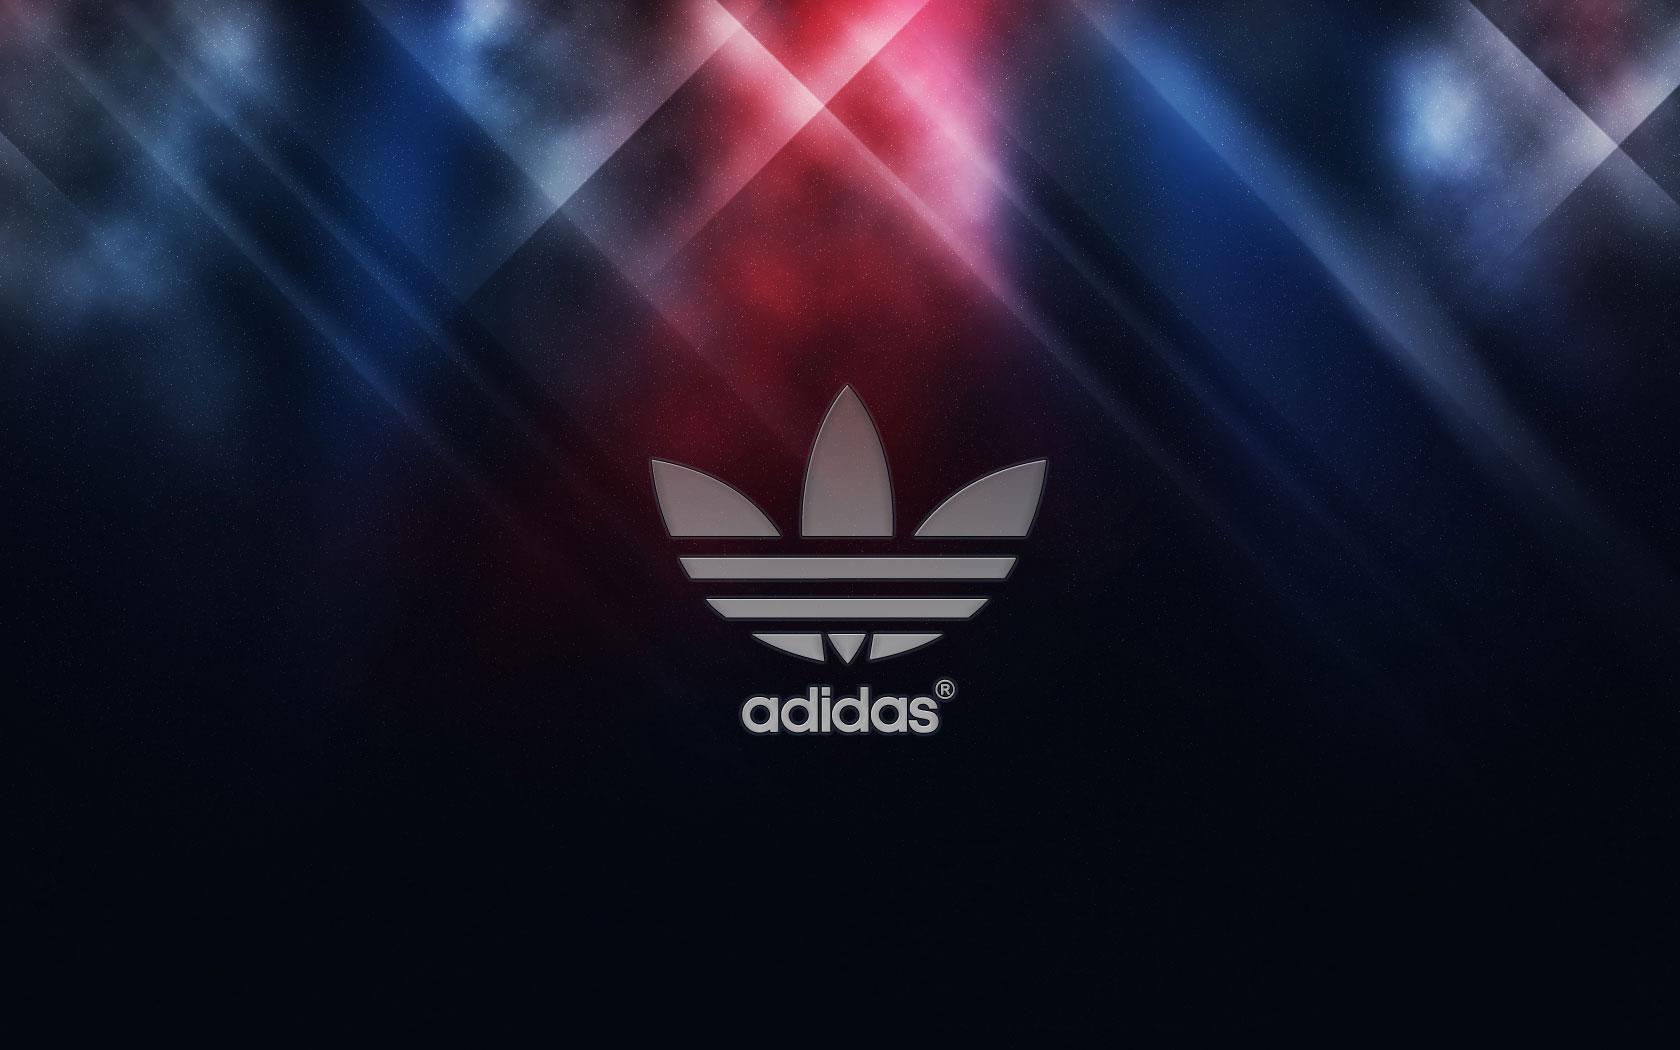 Description Adidas Logo Wallpaper 2013 is a hi res Wallpaper for pc 1680x1050